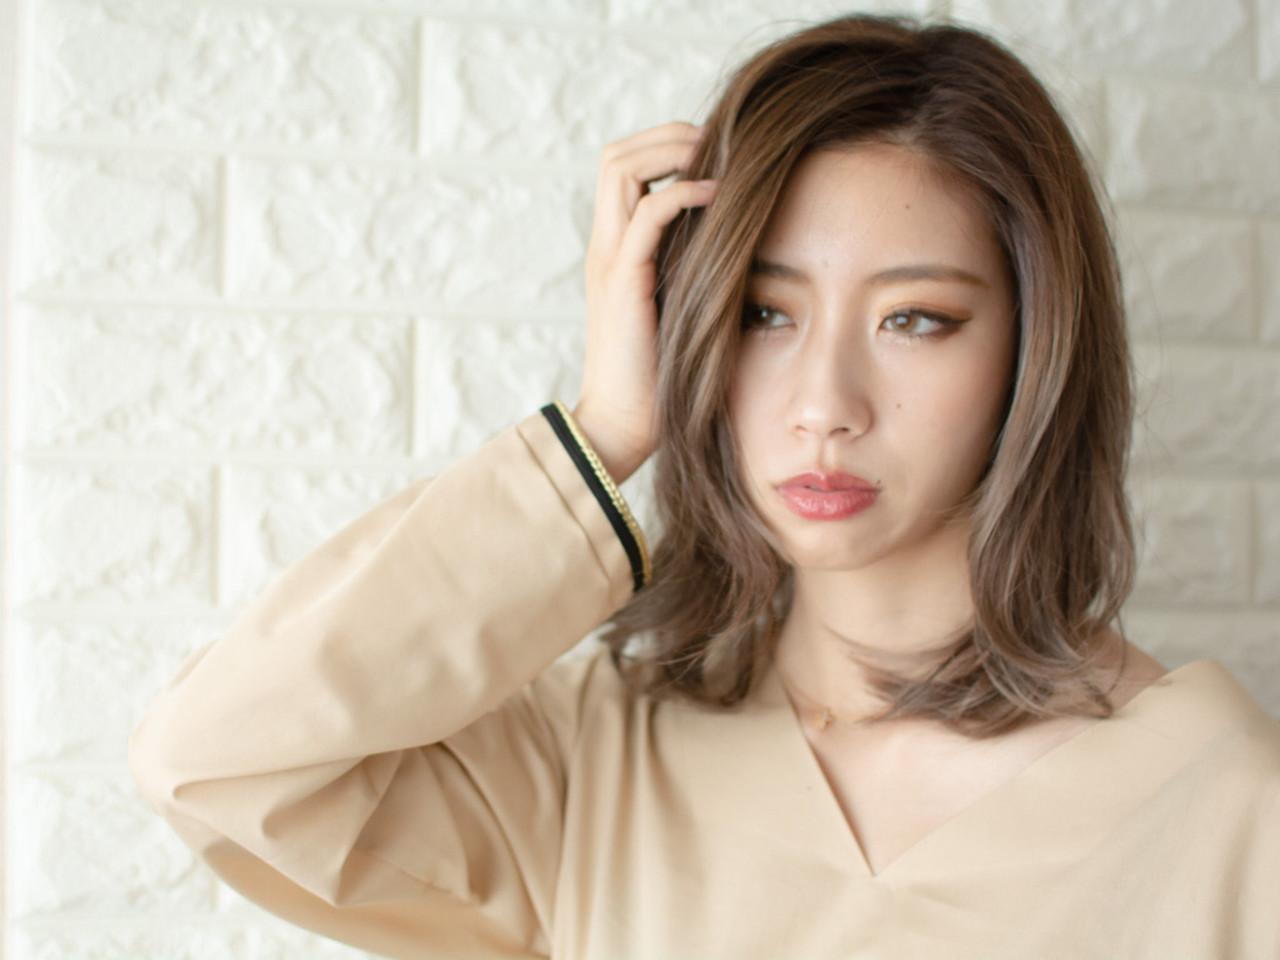 ミディアム n. 大人可愛い ミディアムヘアー ヘアスタイルや髪型の写真・画像